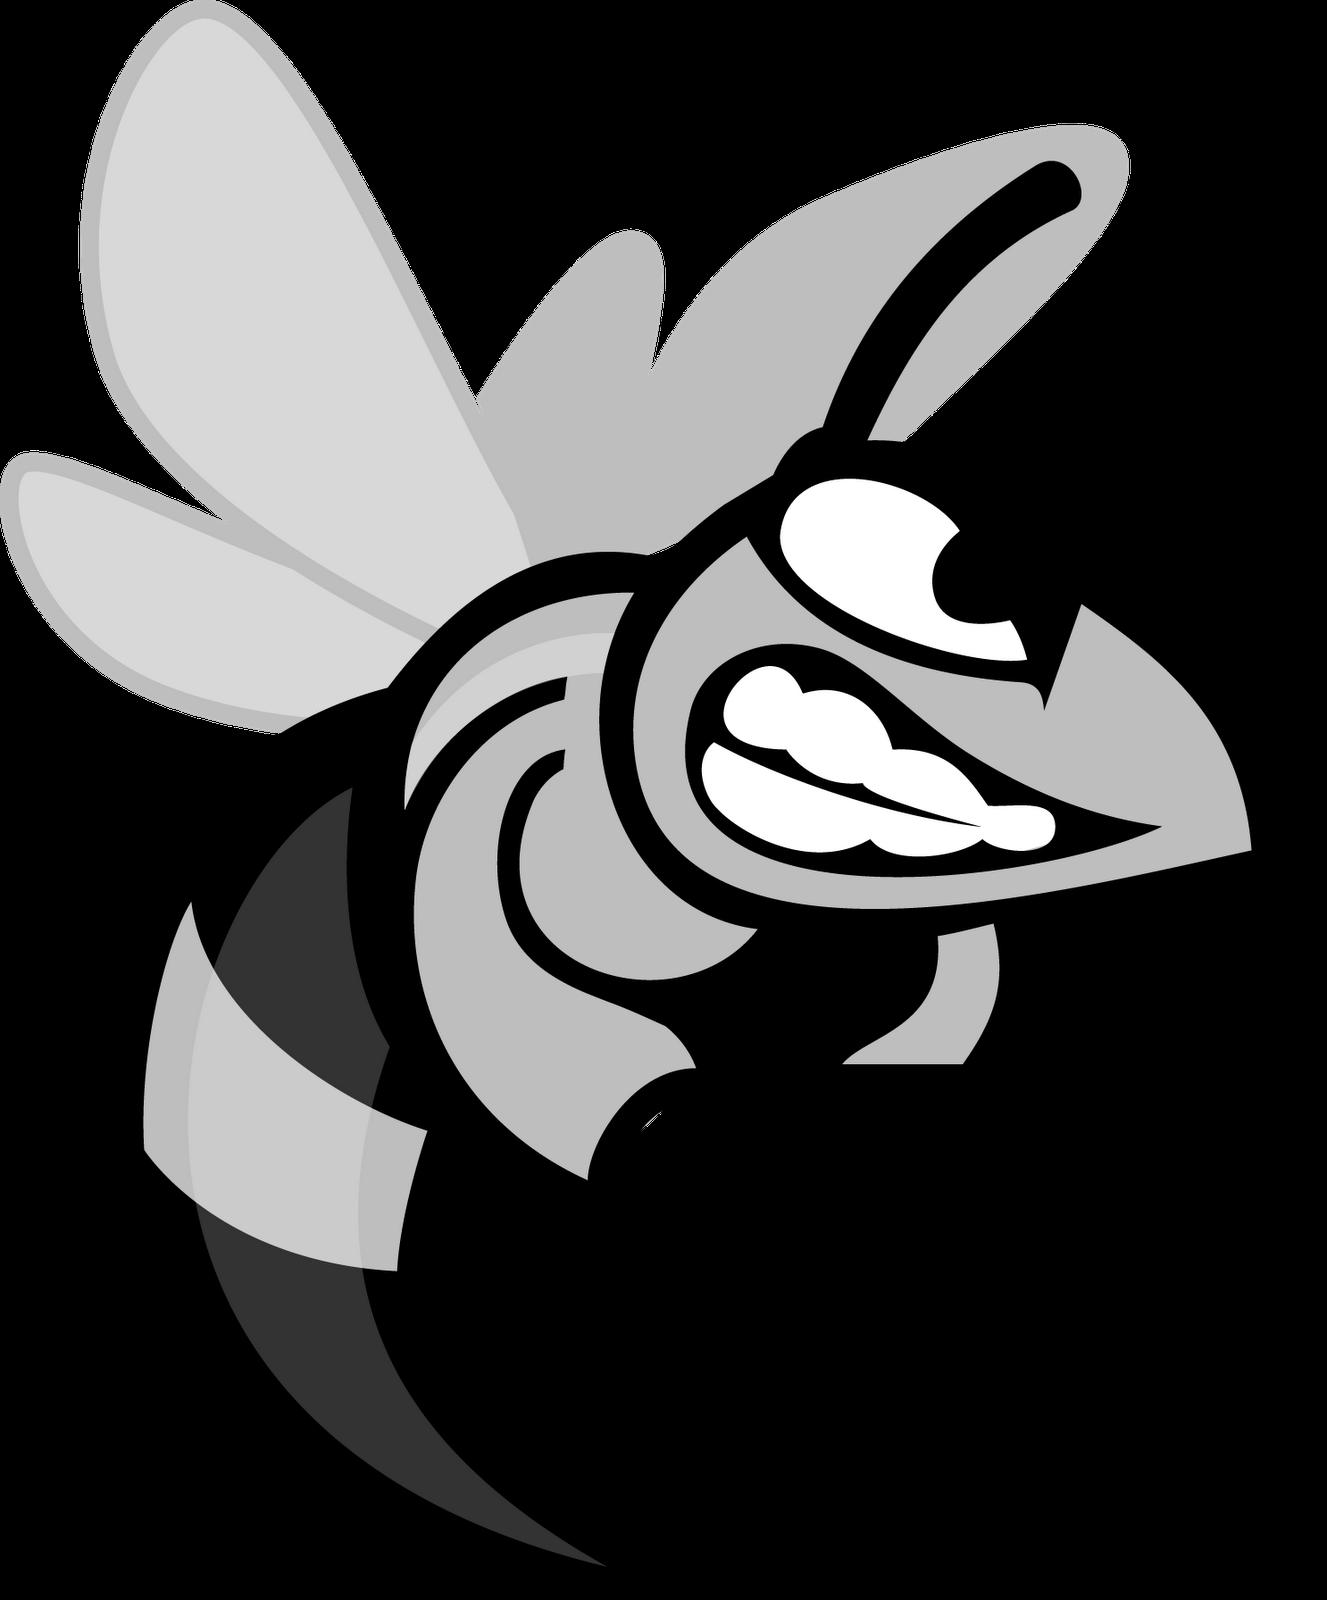 Hornet clipart logo. Page of clipartblack com